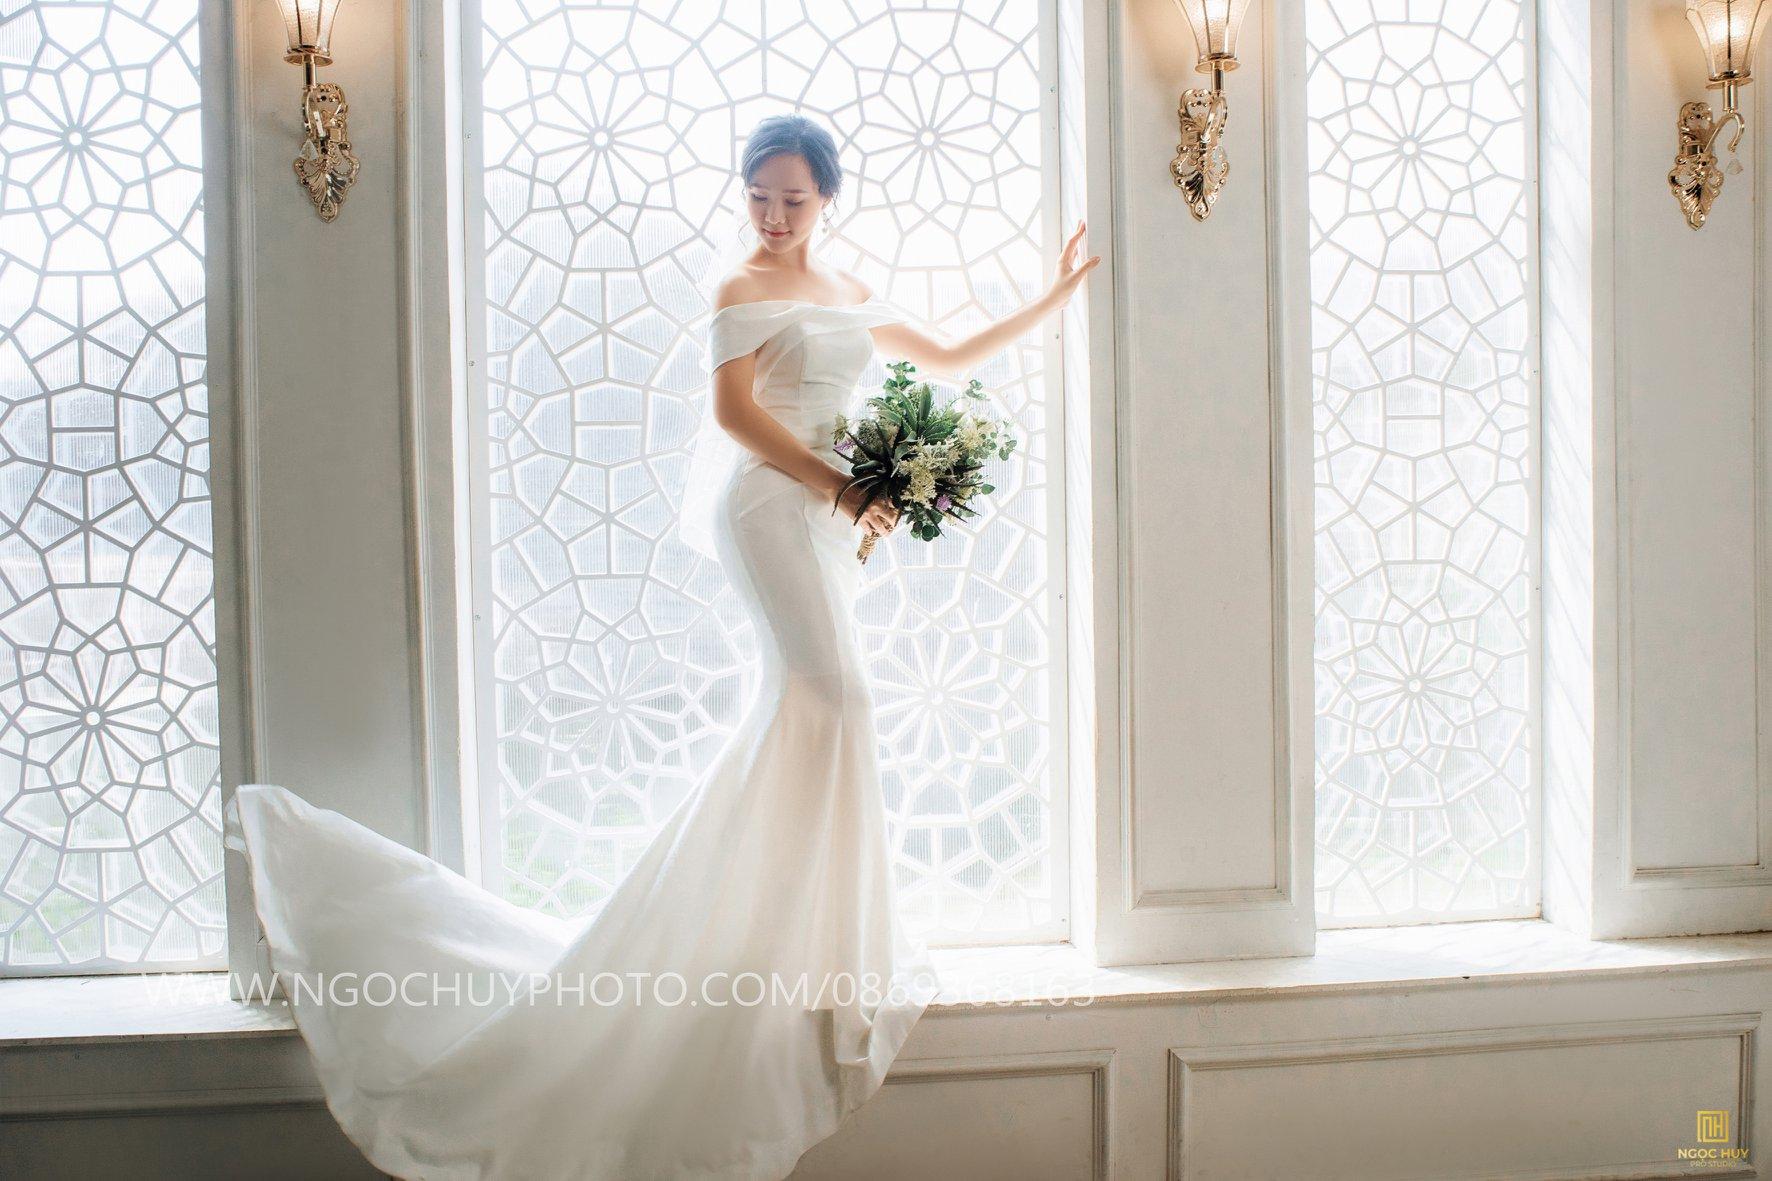 Ảnh cưới phim trường Ngọc Huy Studio 3